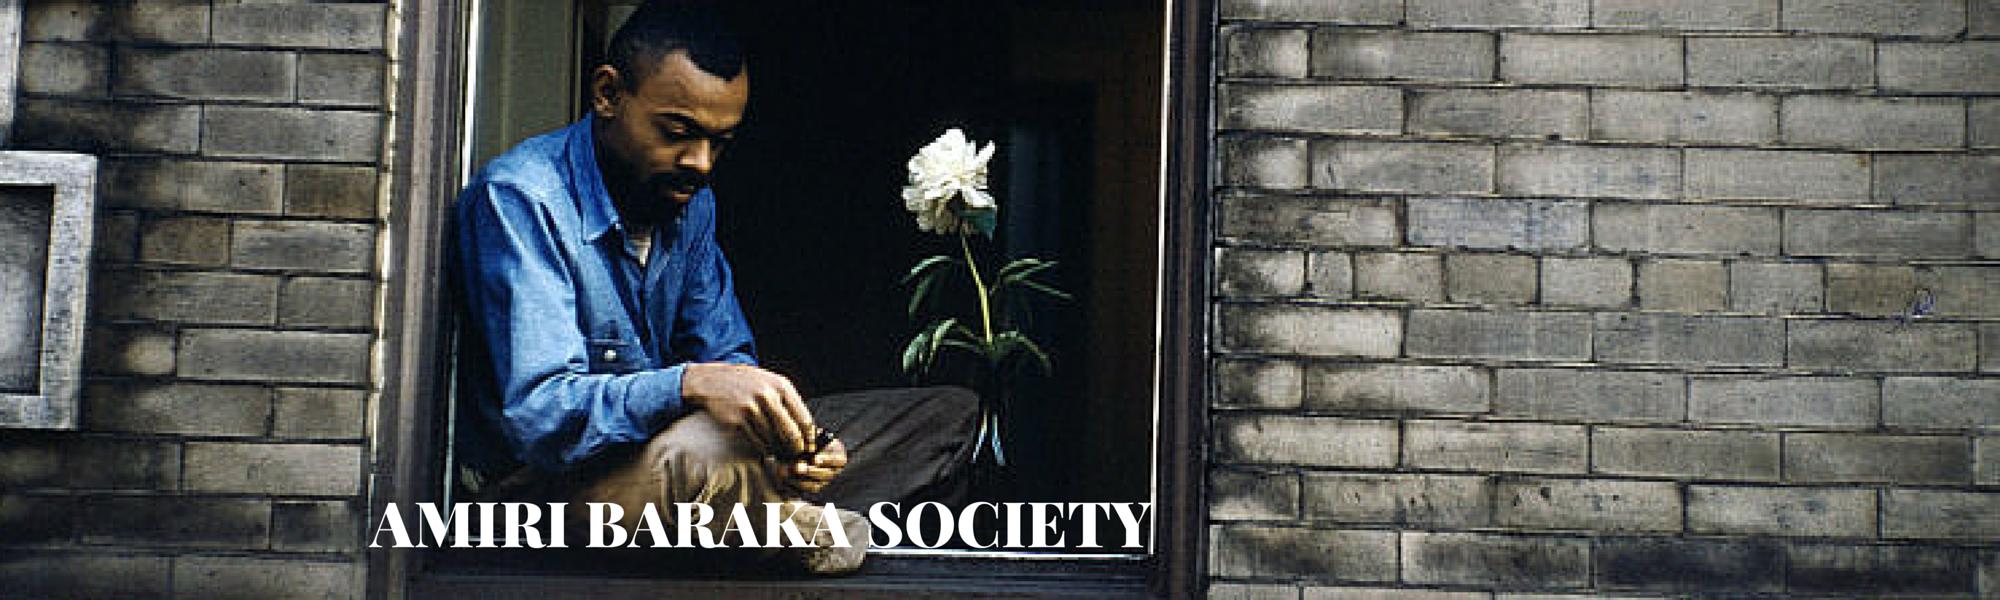 AMIRI BARAKA SOCIETY